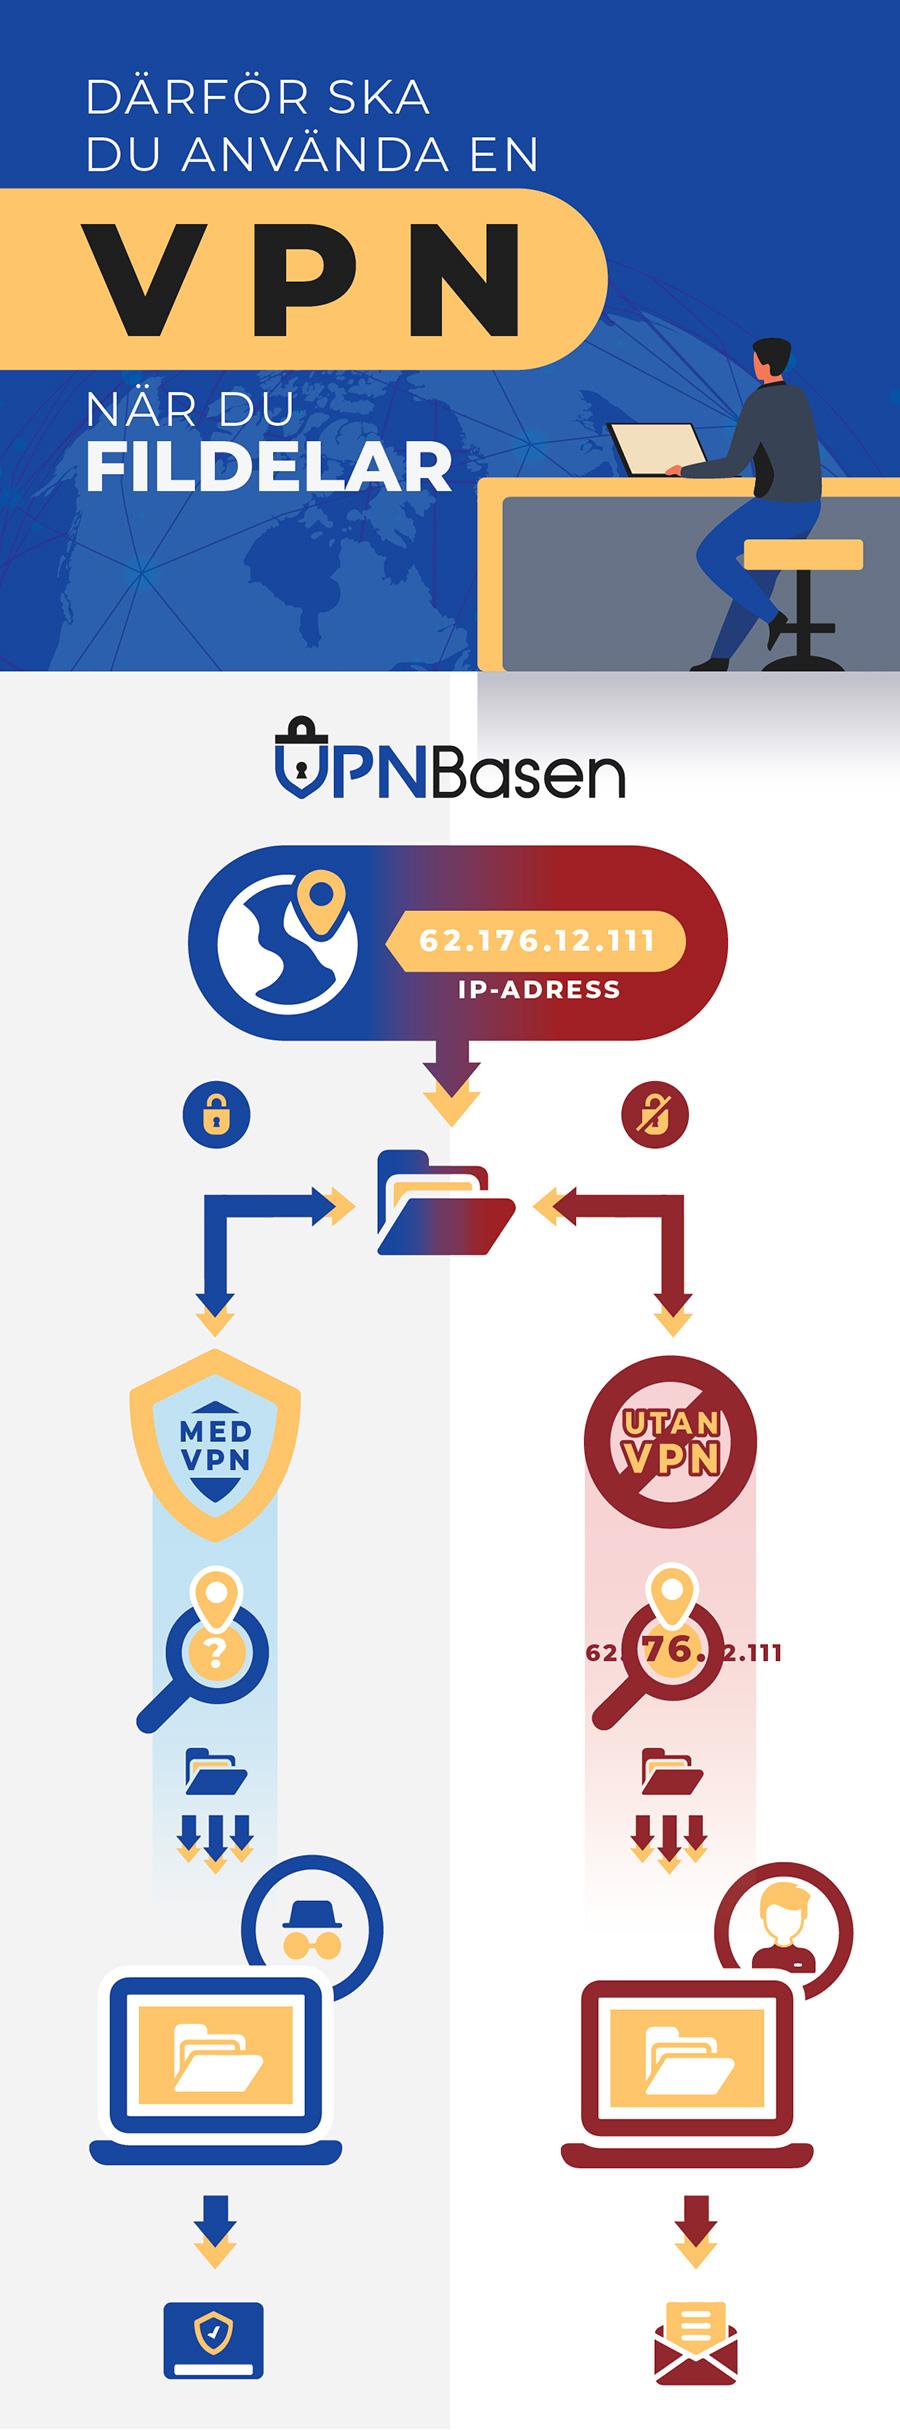 VPN for fildelning infogram for vpnbasen